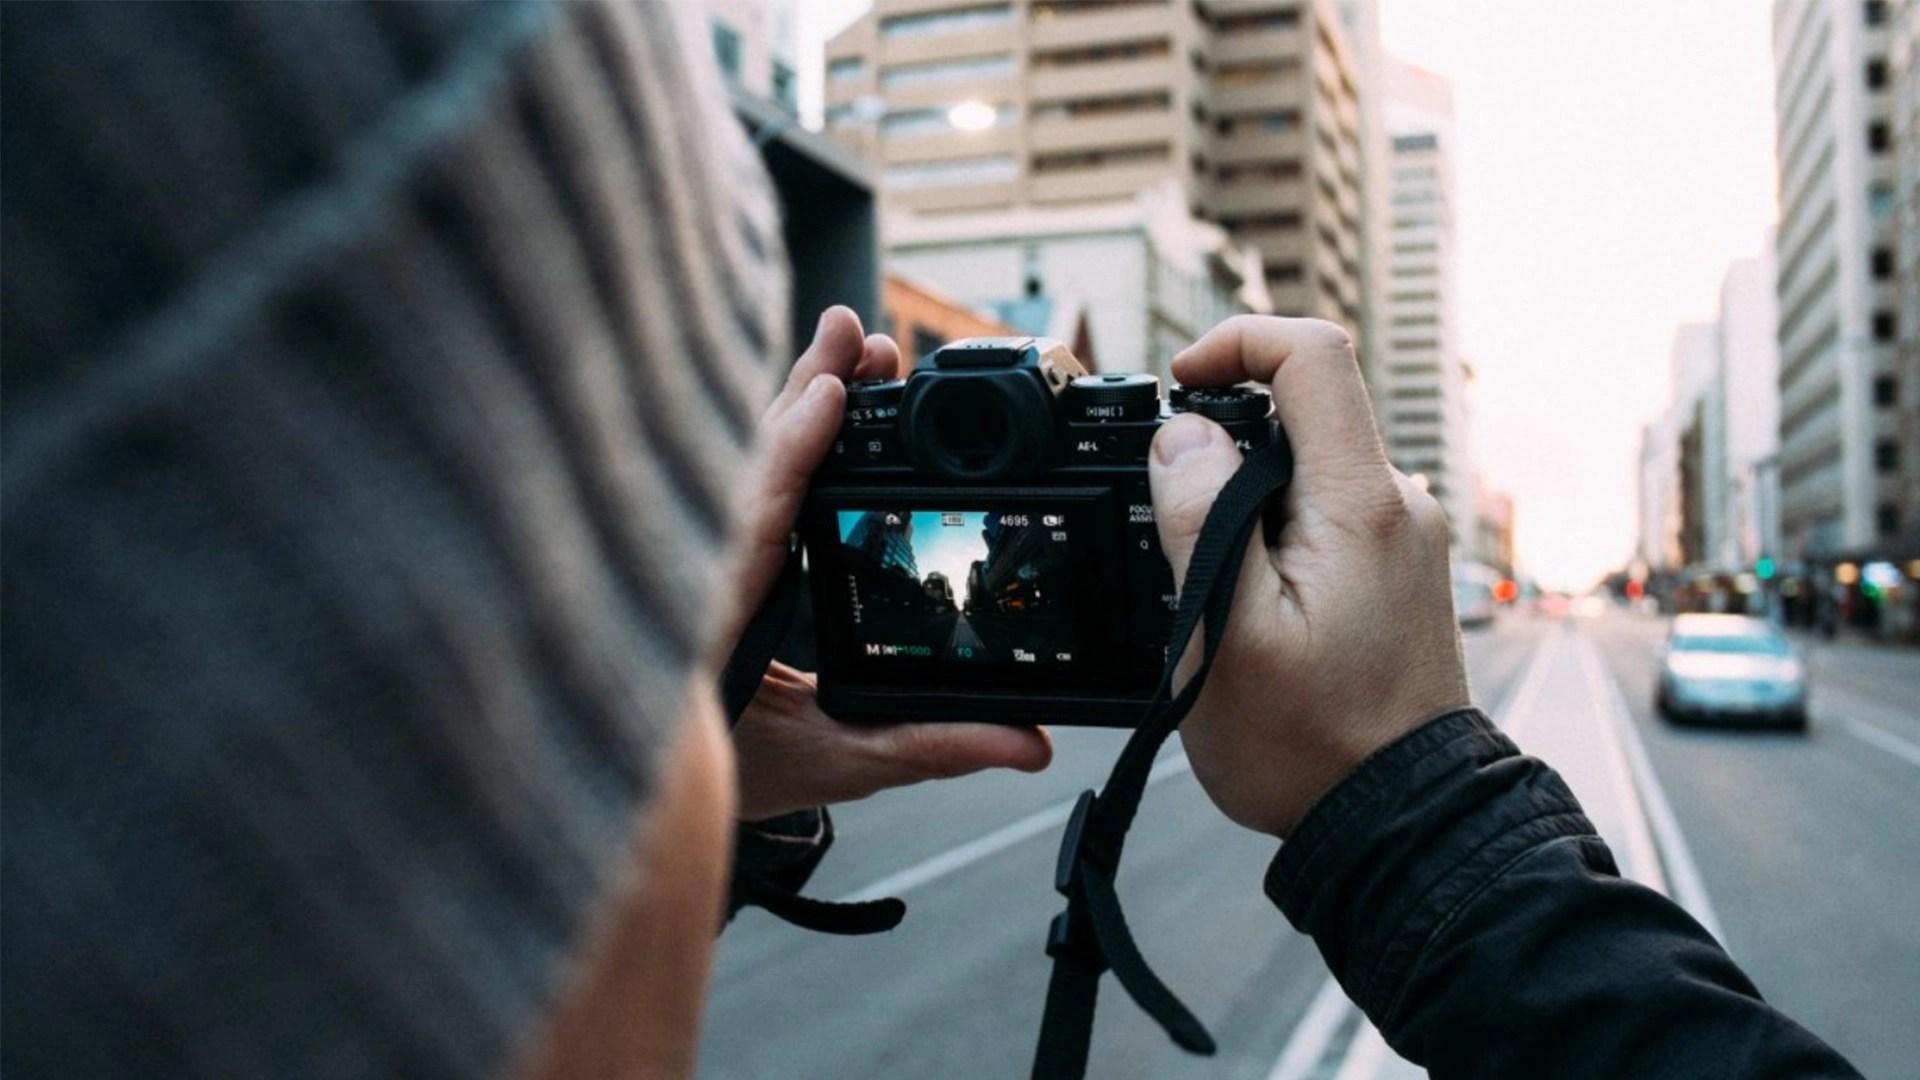 Fotografia. L'arrivo delle reflex digitali, la nuova era